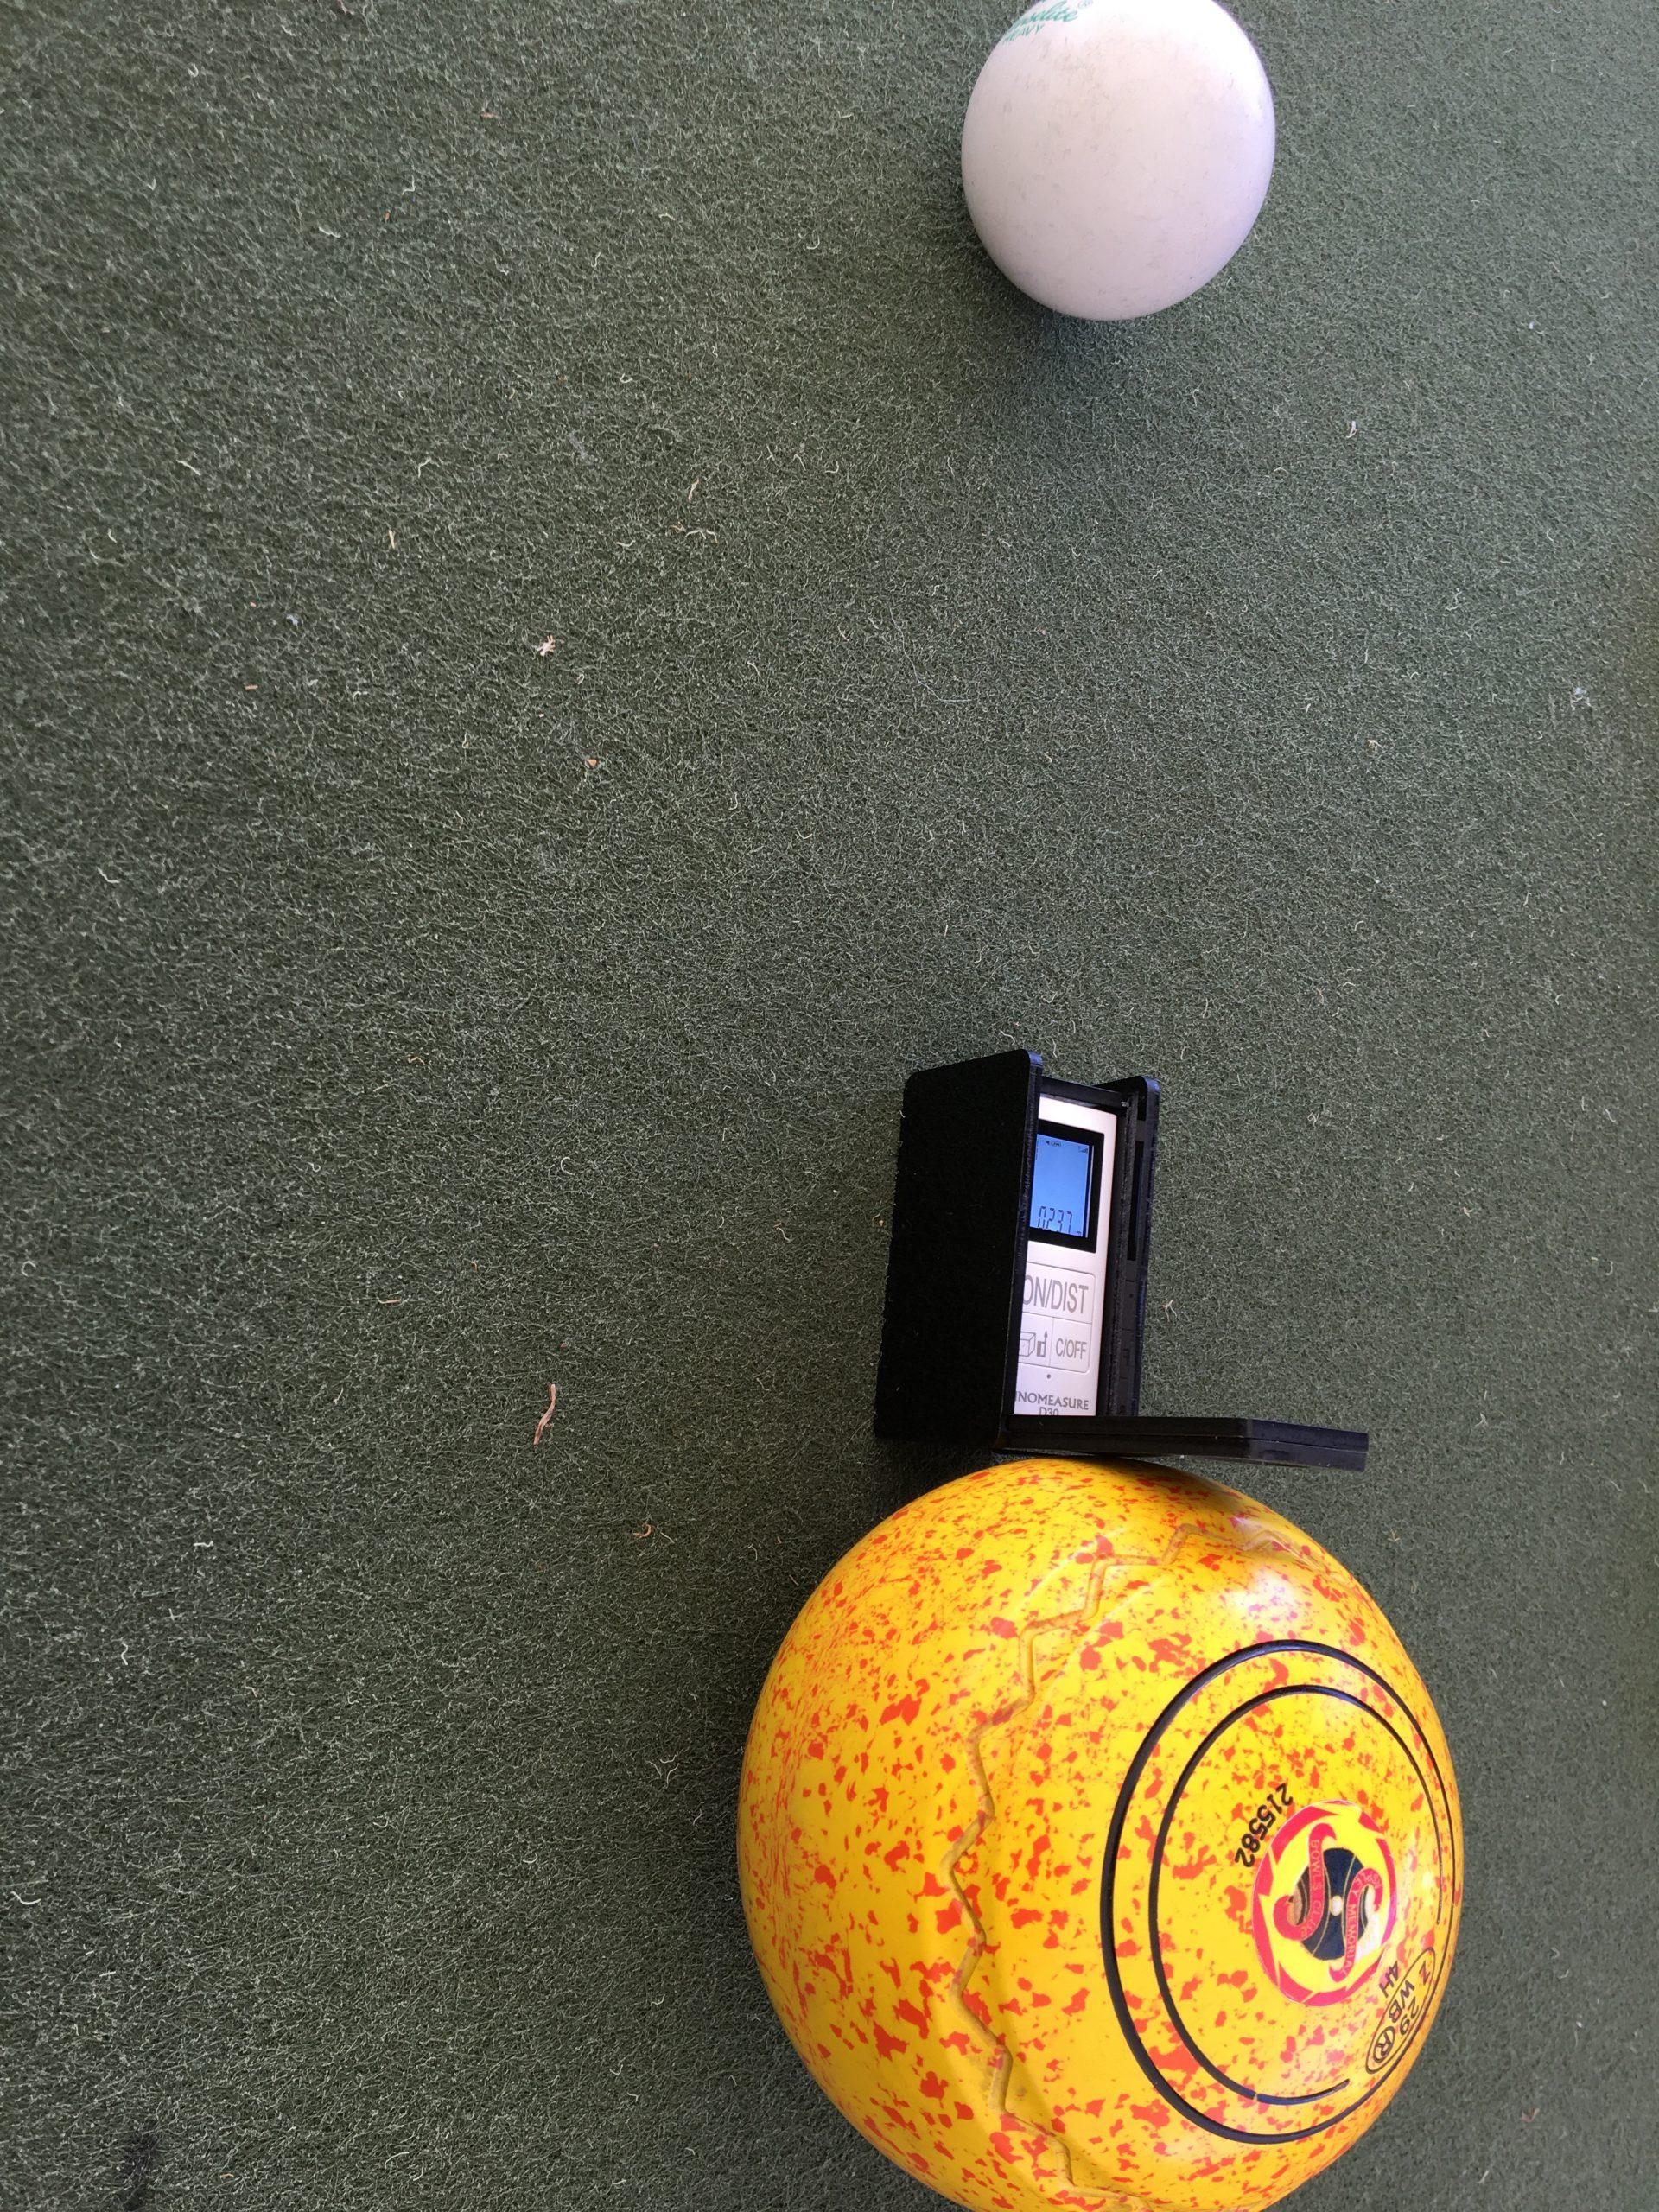 Bowls laser touching the target bowl